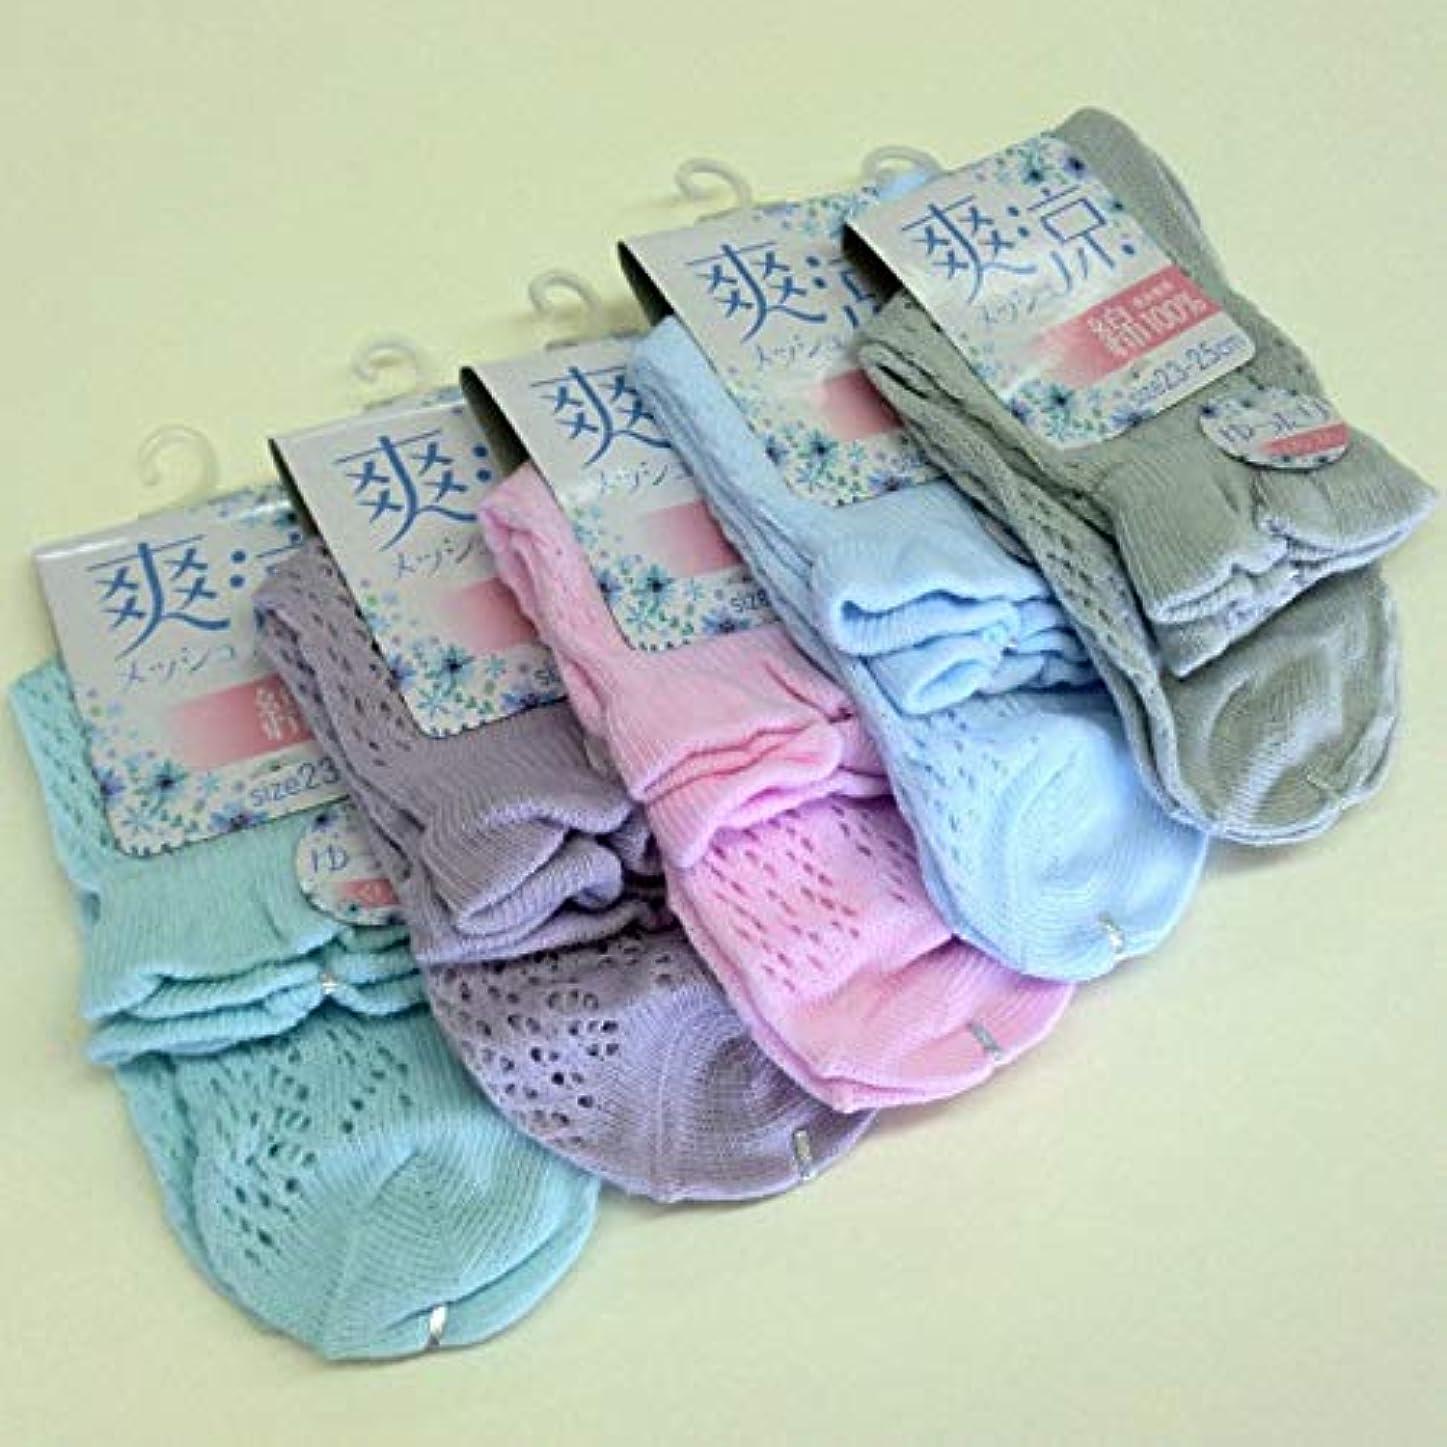 鳩イーウェル海峡ひも靴下 レディース 夏 表糸綿100% 涼しいルミーソックス セット 5色5足組